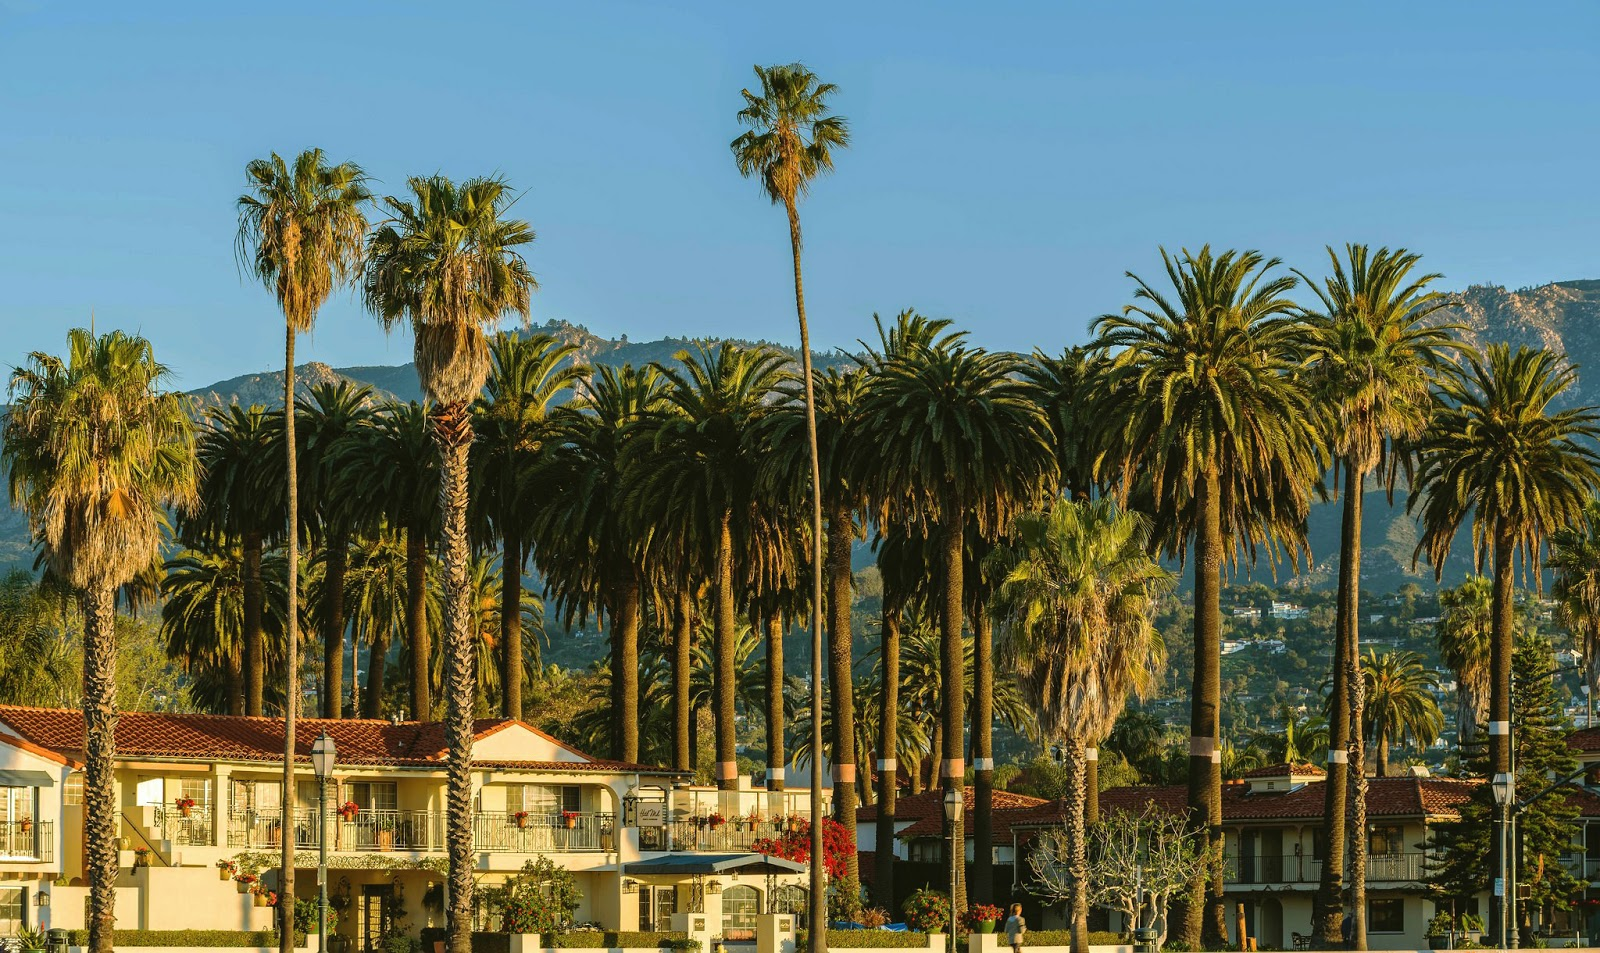 Santa Barbara (CA) United States  city images : ... Santa Barbara. A voyage to Santa Barbara, California, United States of